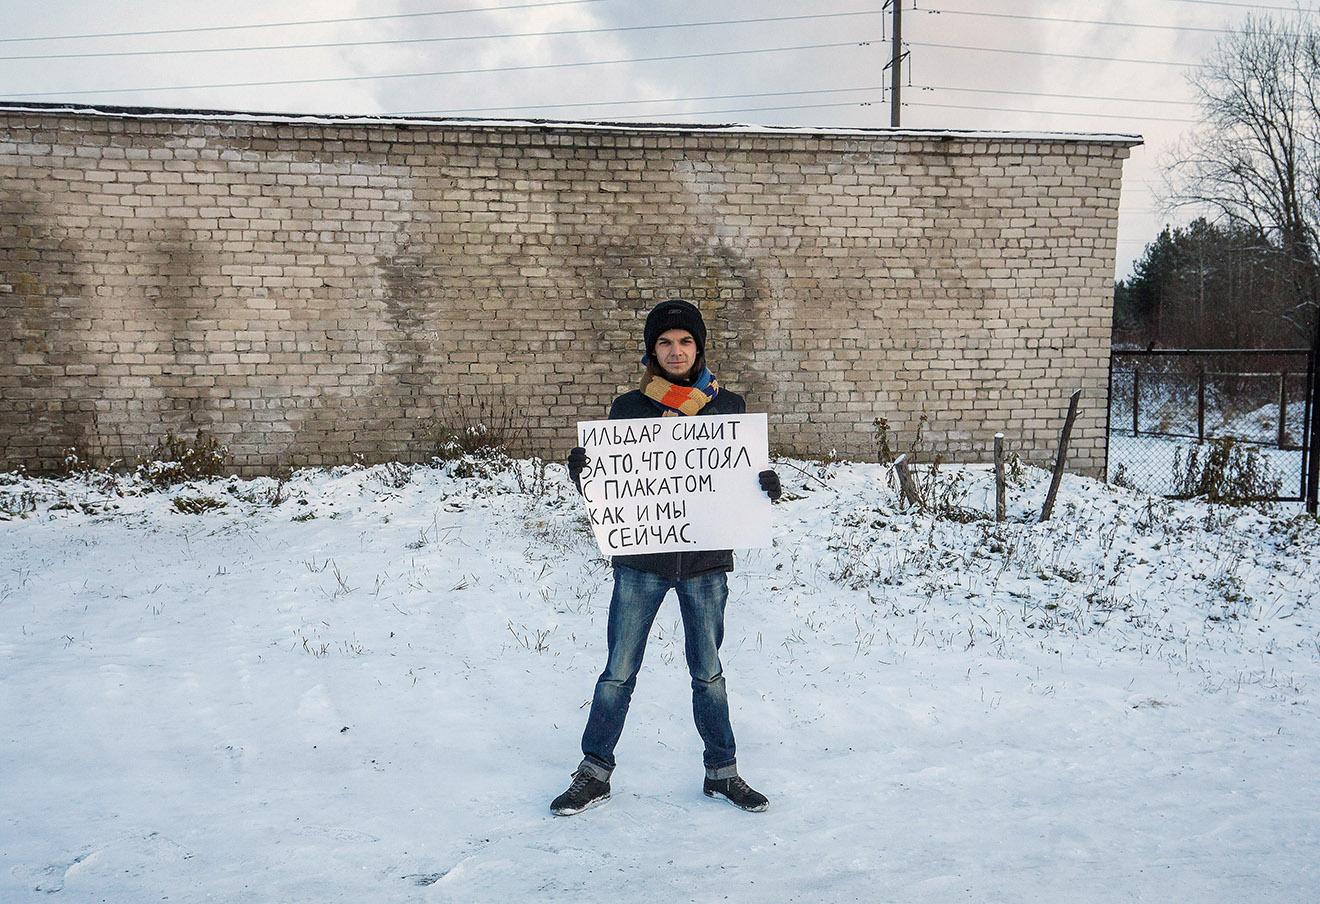 Активист с плакатом «Ильдар сидит за то, что стоял с плакатом, как и мы сейчас» у стен колонии (ИК-7), где содержится Ильдар Дадин в поселке Сегежа. Фото: Давид Френкель / Коммерсантъ